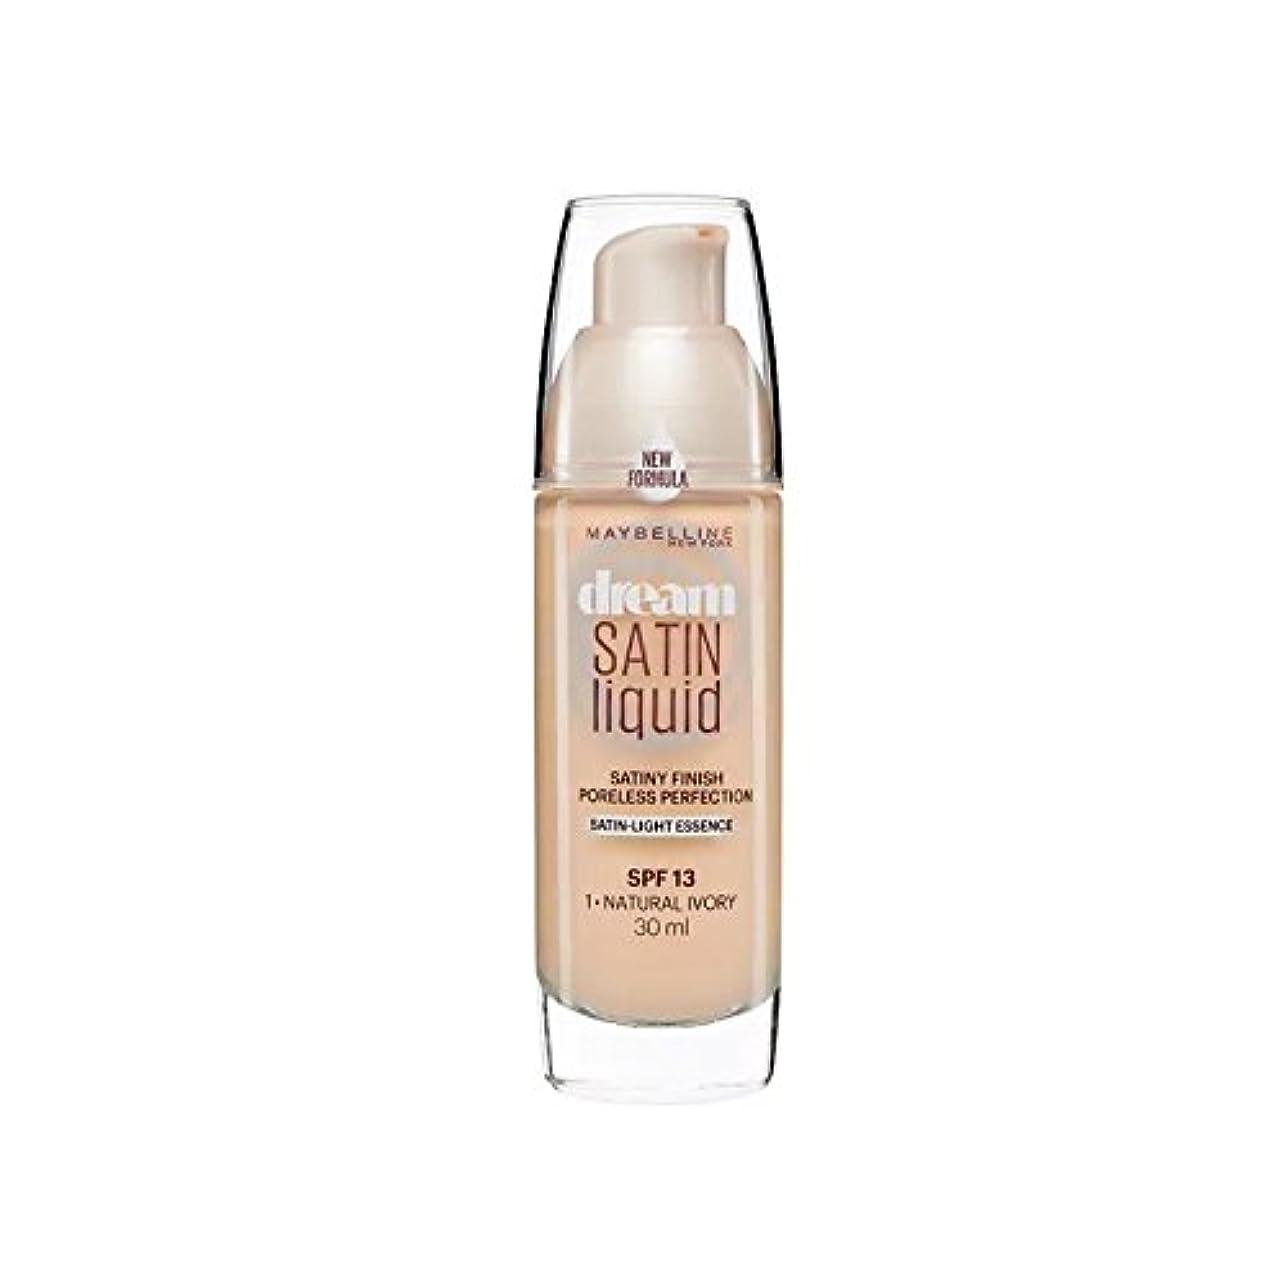 放つ貪欲トリプルMaybelline Dream Satin Liquid Foundation Natural Ivory 30ml (Pack of 6) - メイベリンの夢のサテンリキッドファンデーションナチュラルアイボリー30ミリリットル x6 [並行輸入品]